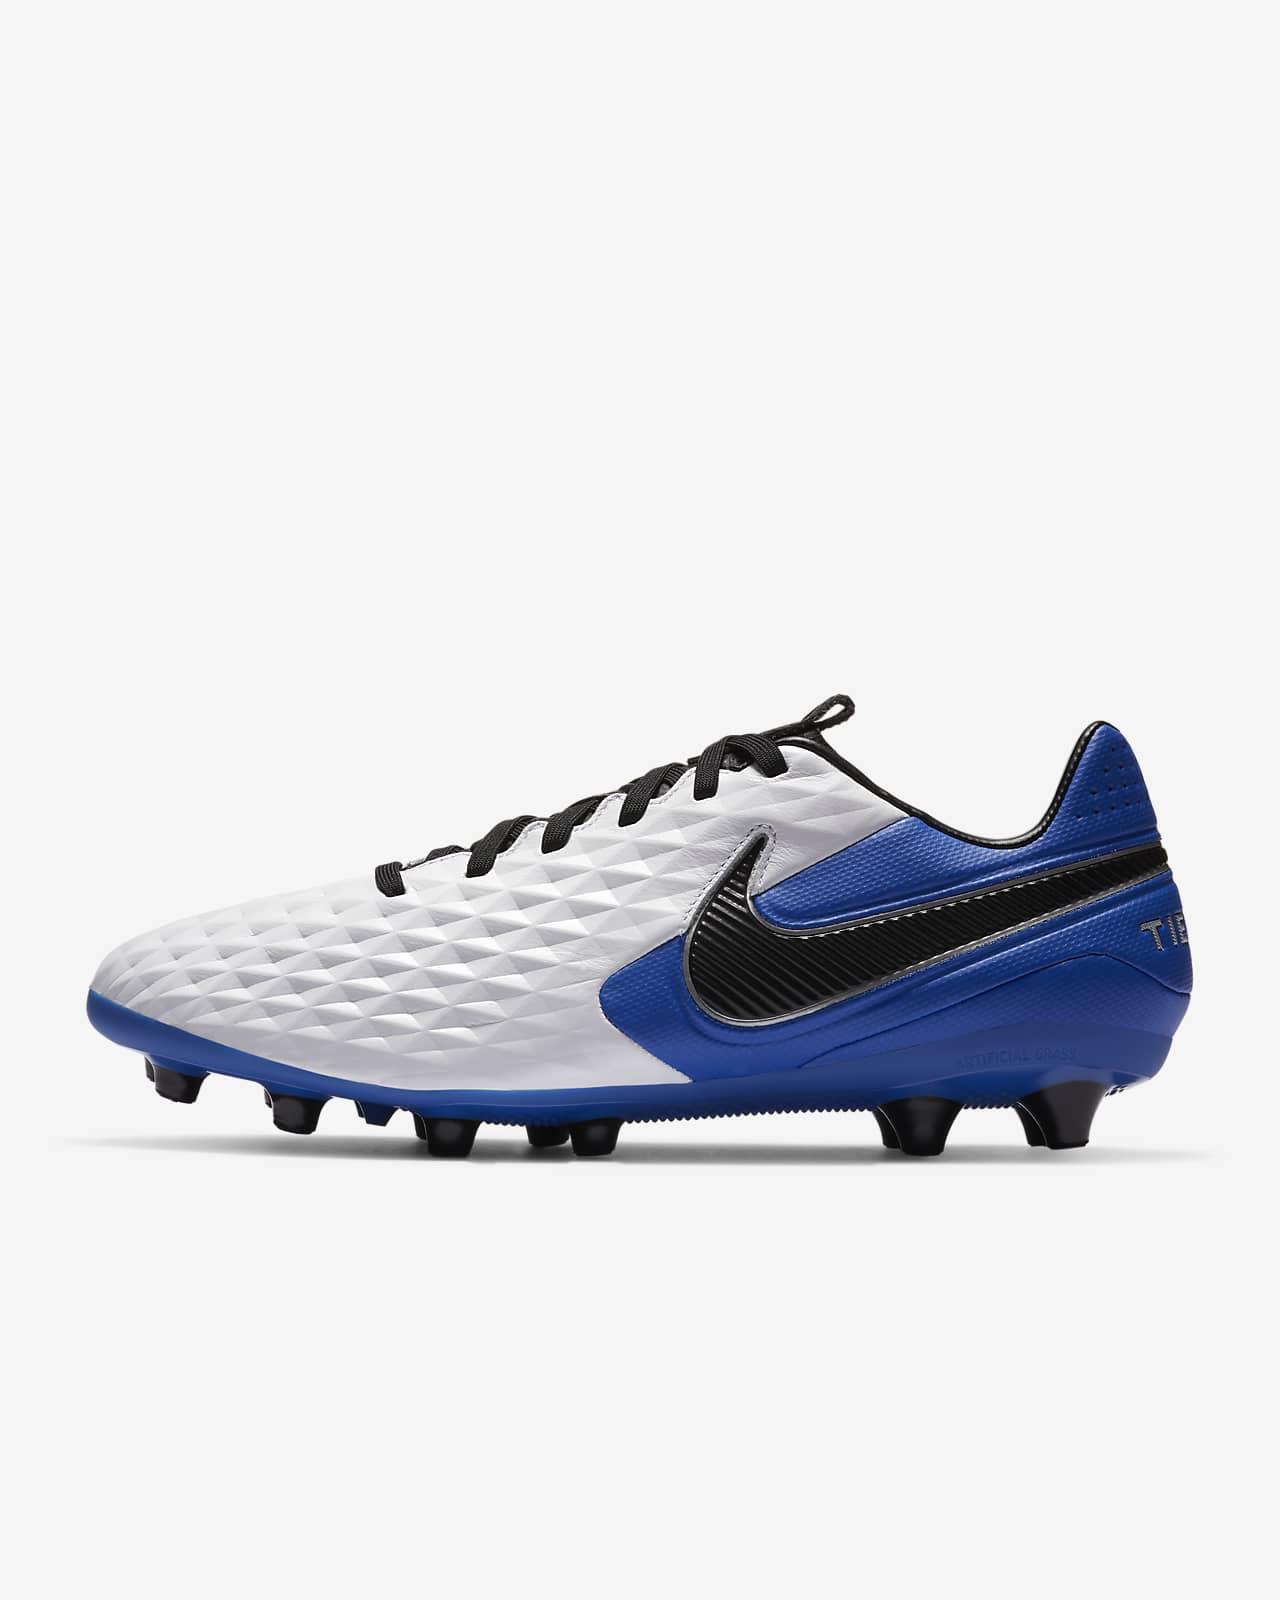 Chaussure de football à crampons pour terrain synthétique Nike Tiempo Legend 8 Pro AG-PRO